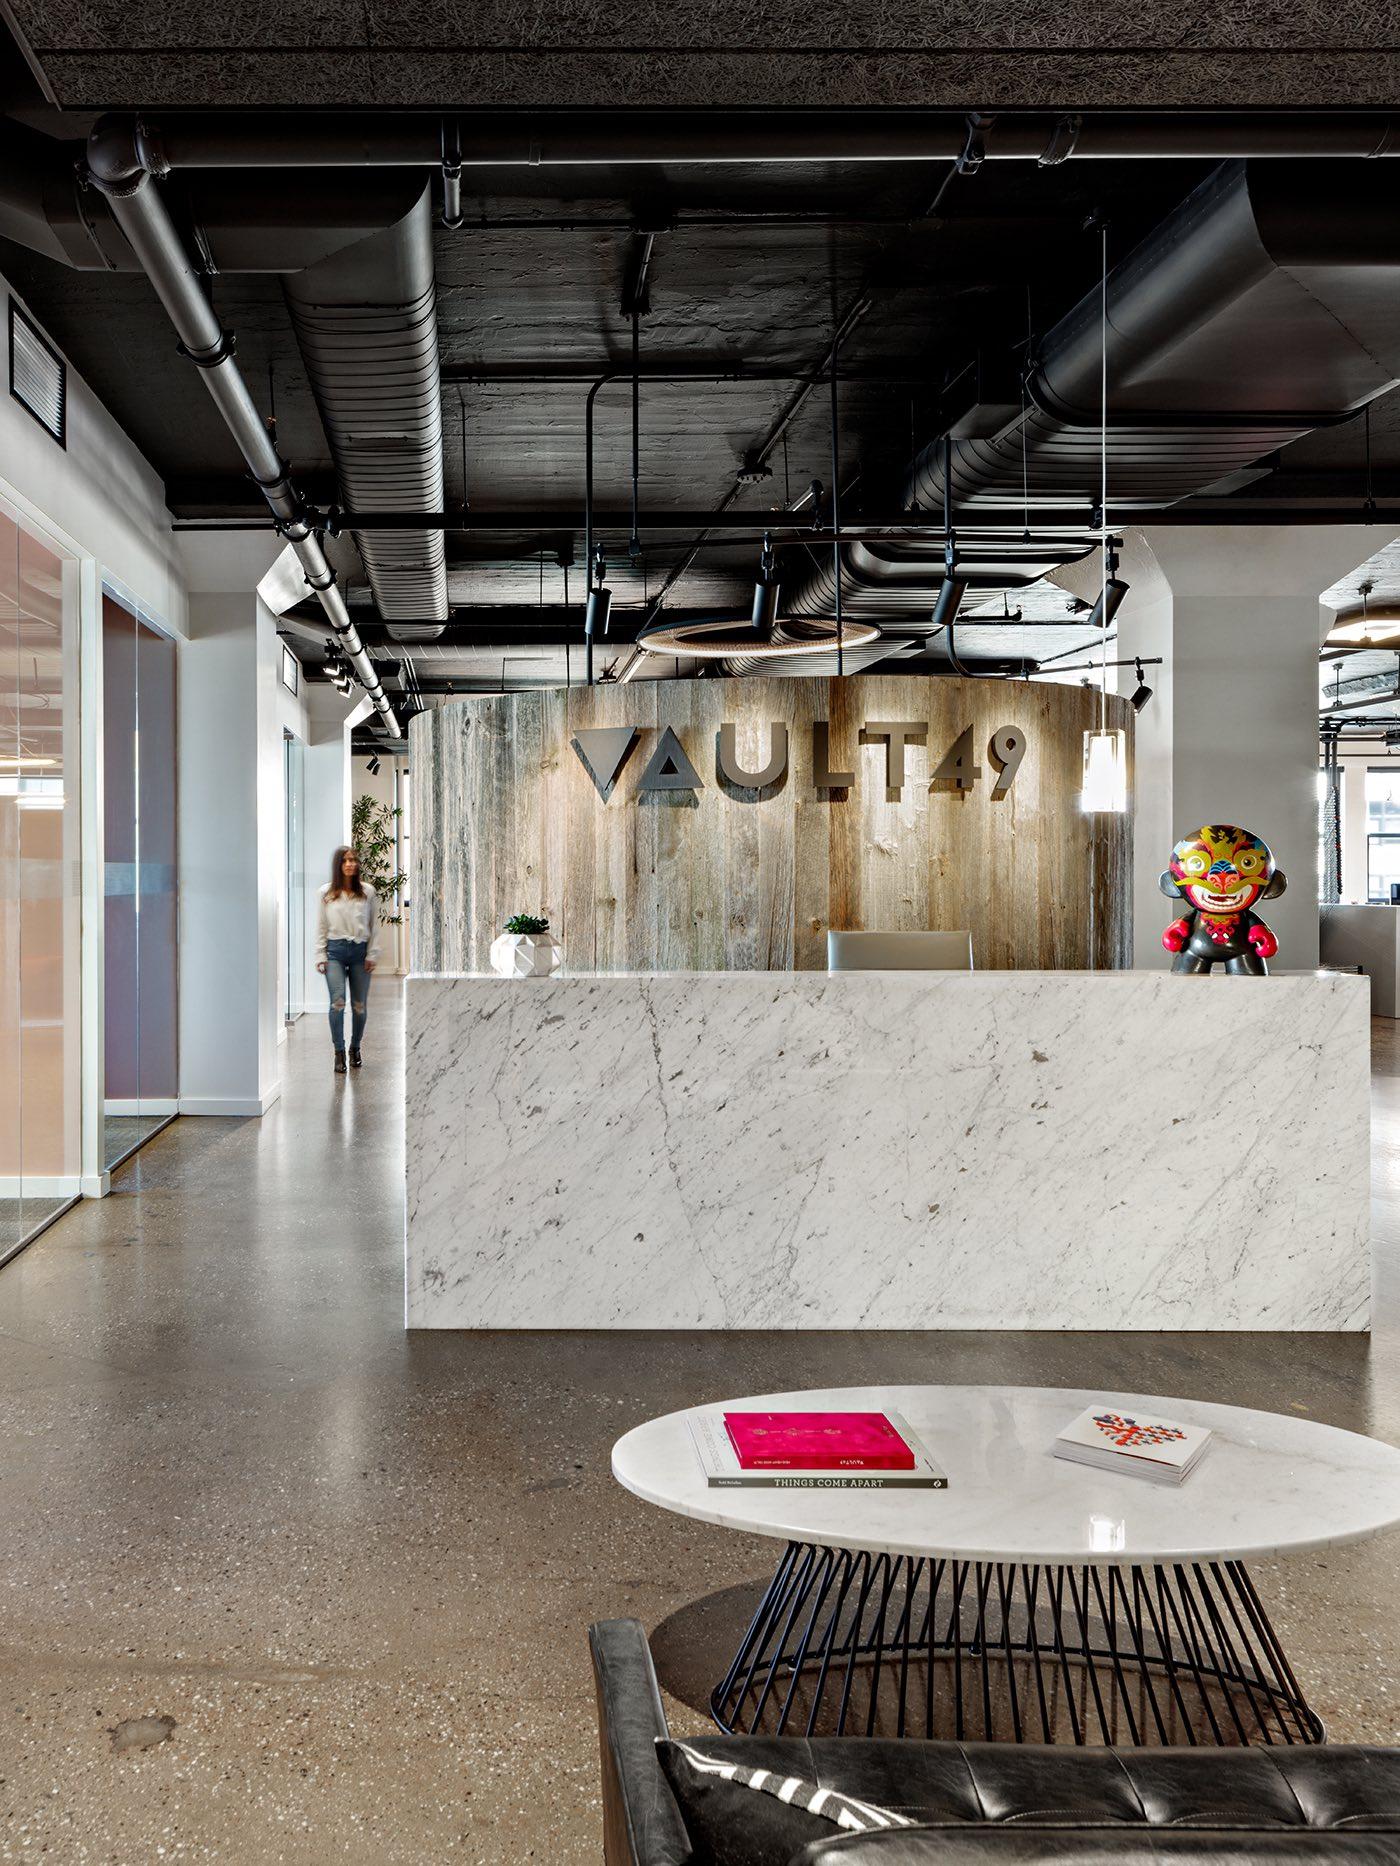 vault49-office-nyc-2